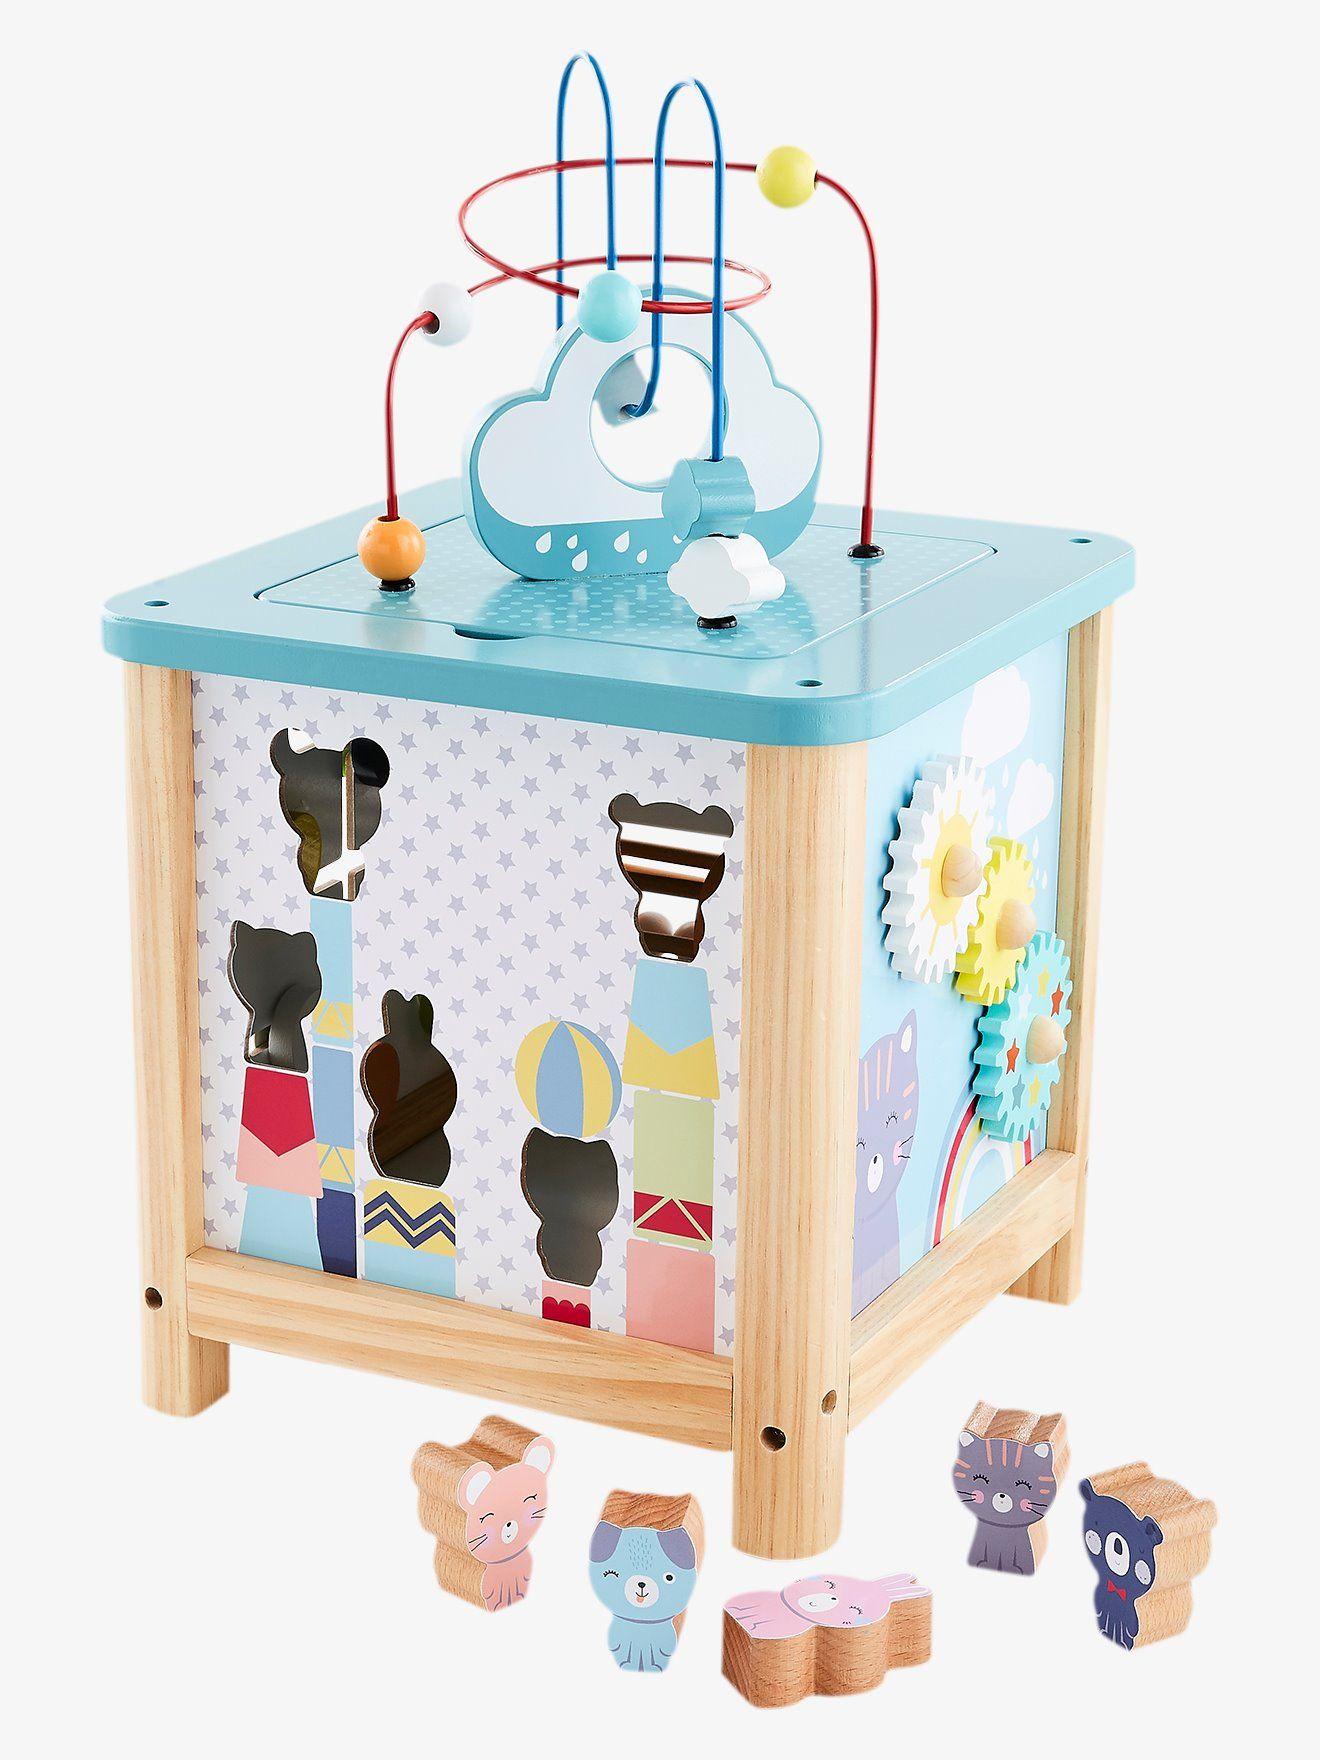 Grand Cube D Activites En Bois Multicolor Un Cube D Activites En Bois Taille Xl Qui Ne Manque Pas D Idees Pour Eveiller Et Emerveiller Cubes Bois Jouet Bebe